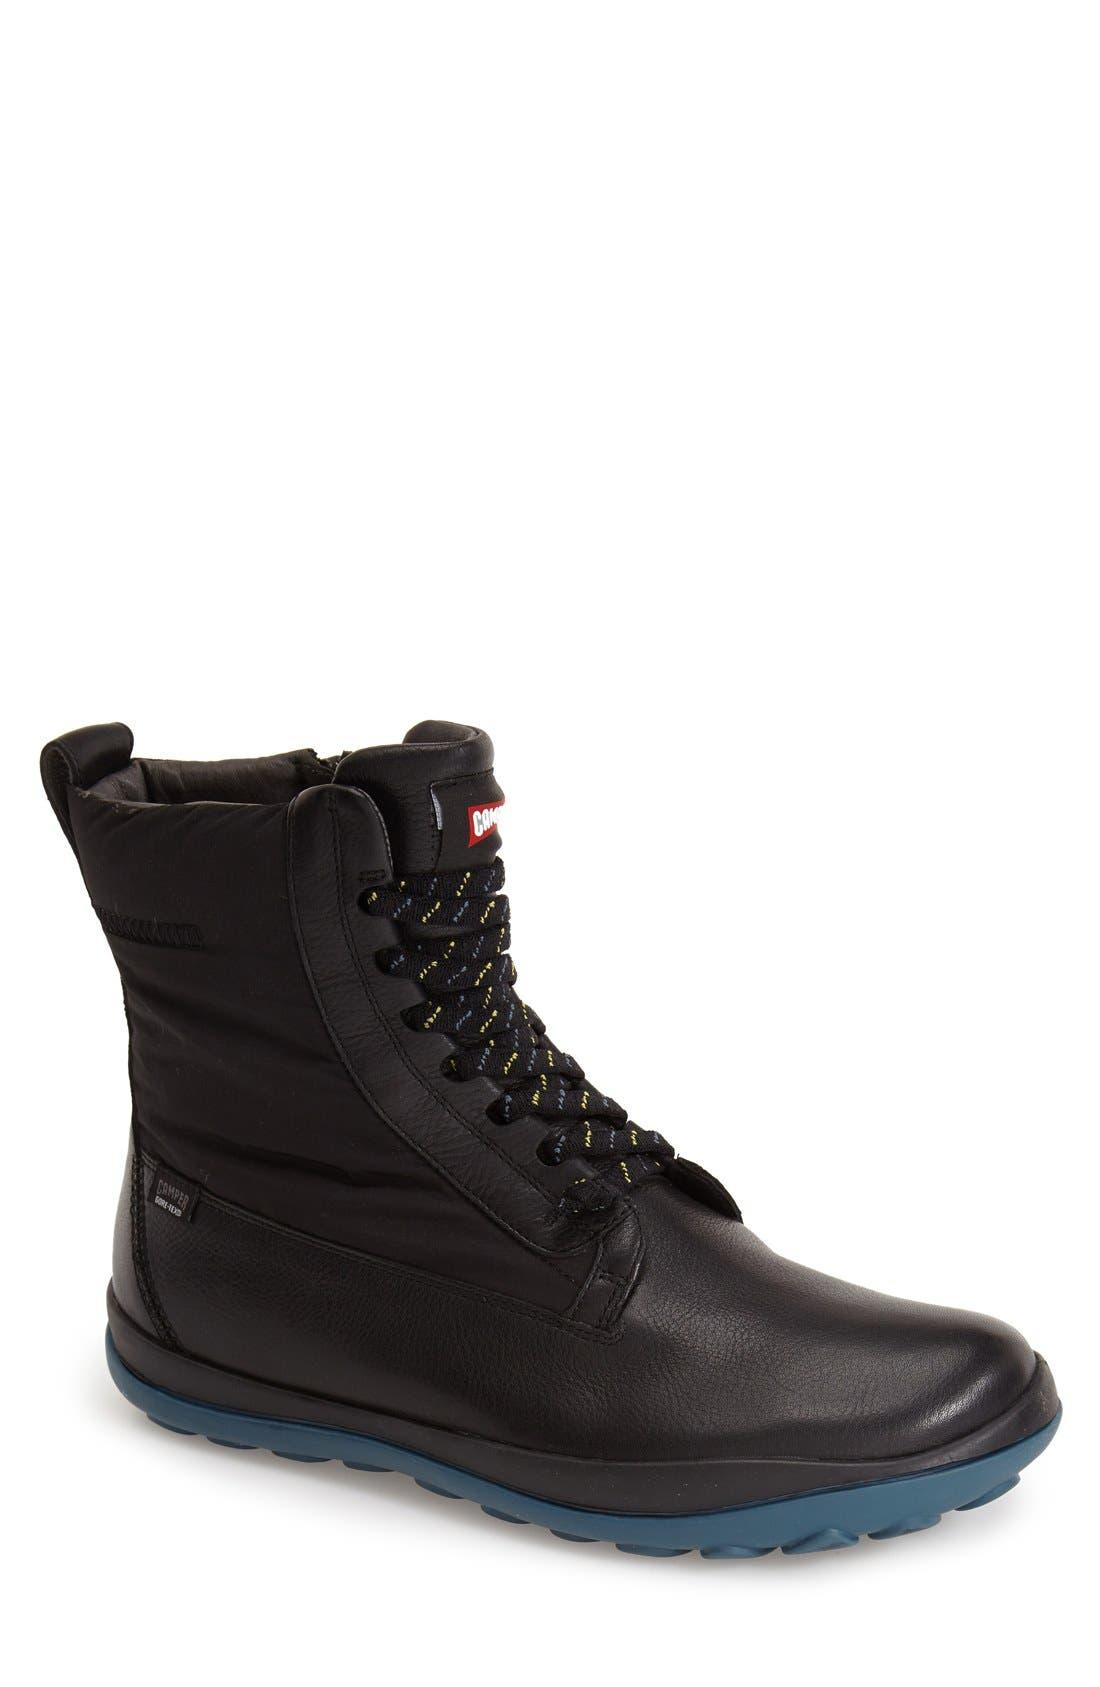 CAMPER 'Peu Pista' Gore-Tex<sup>®</sup> Boot, Main, color, 001